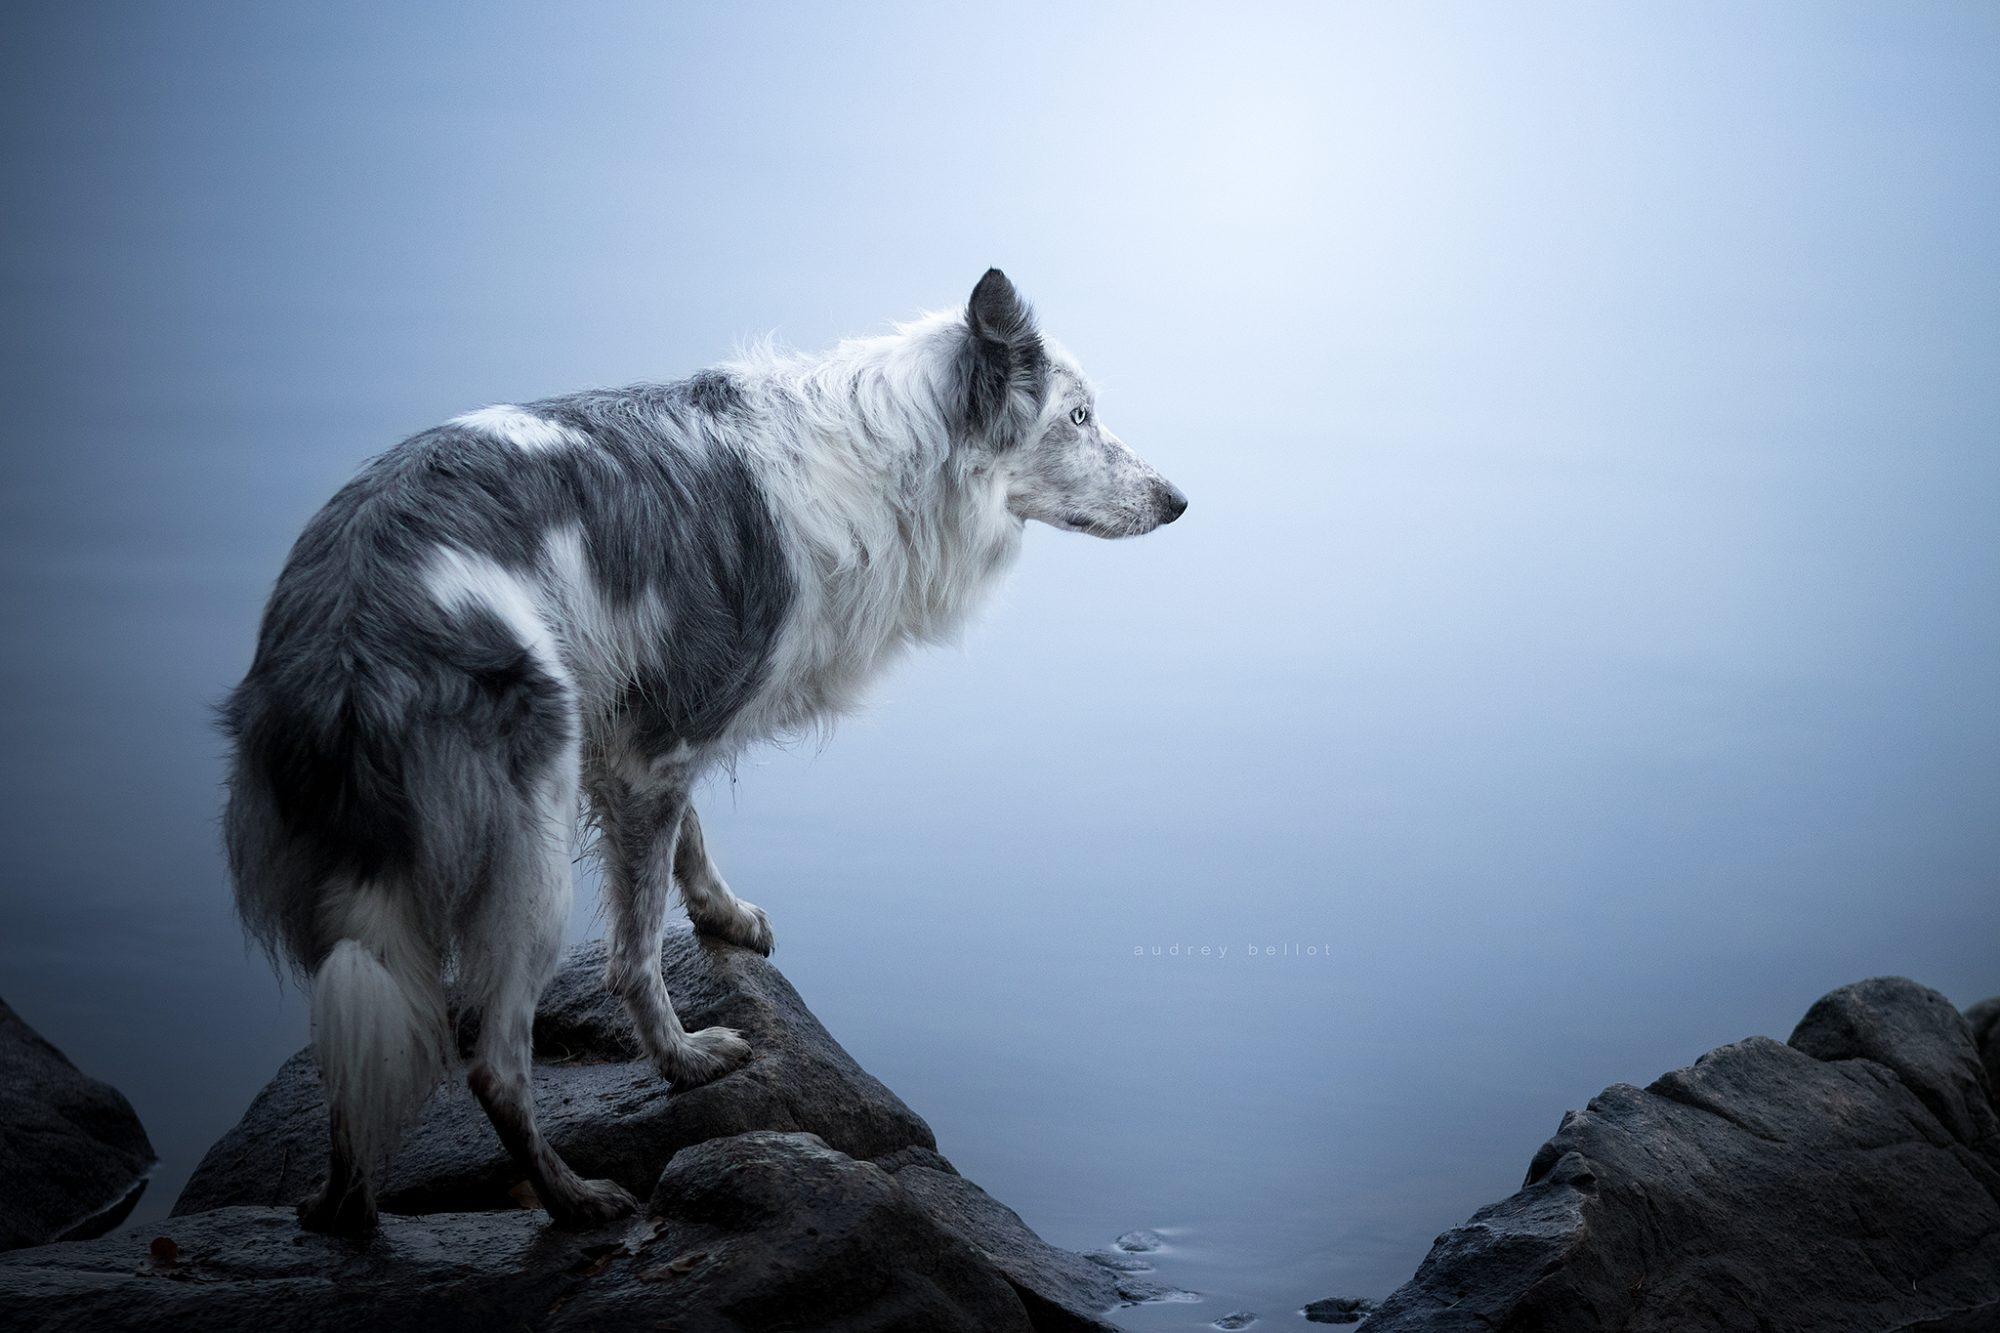 apprendre la photographie de chiens en belgique